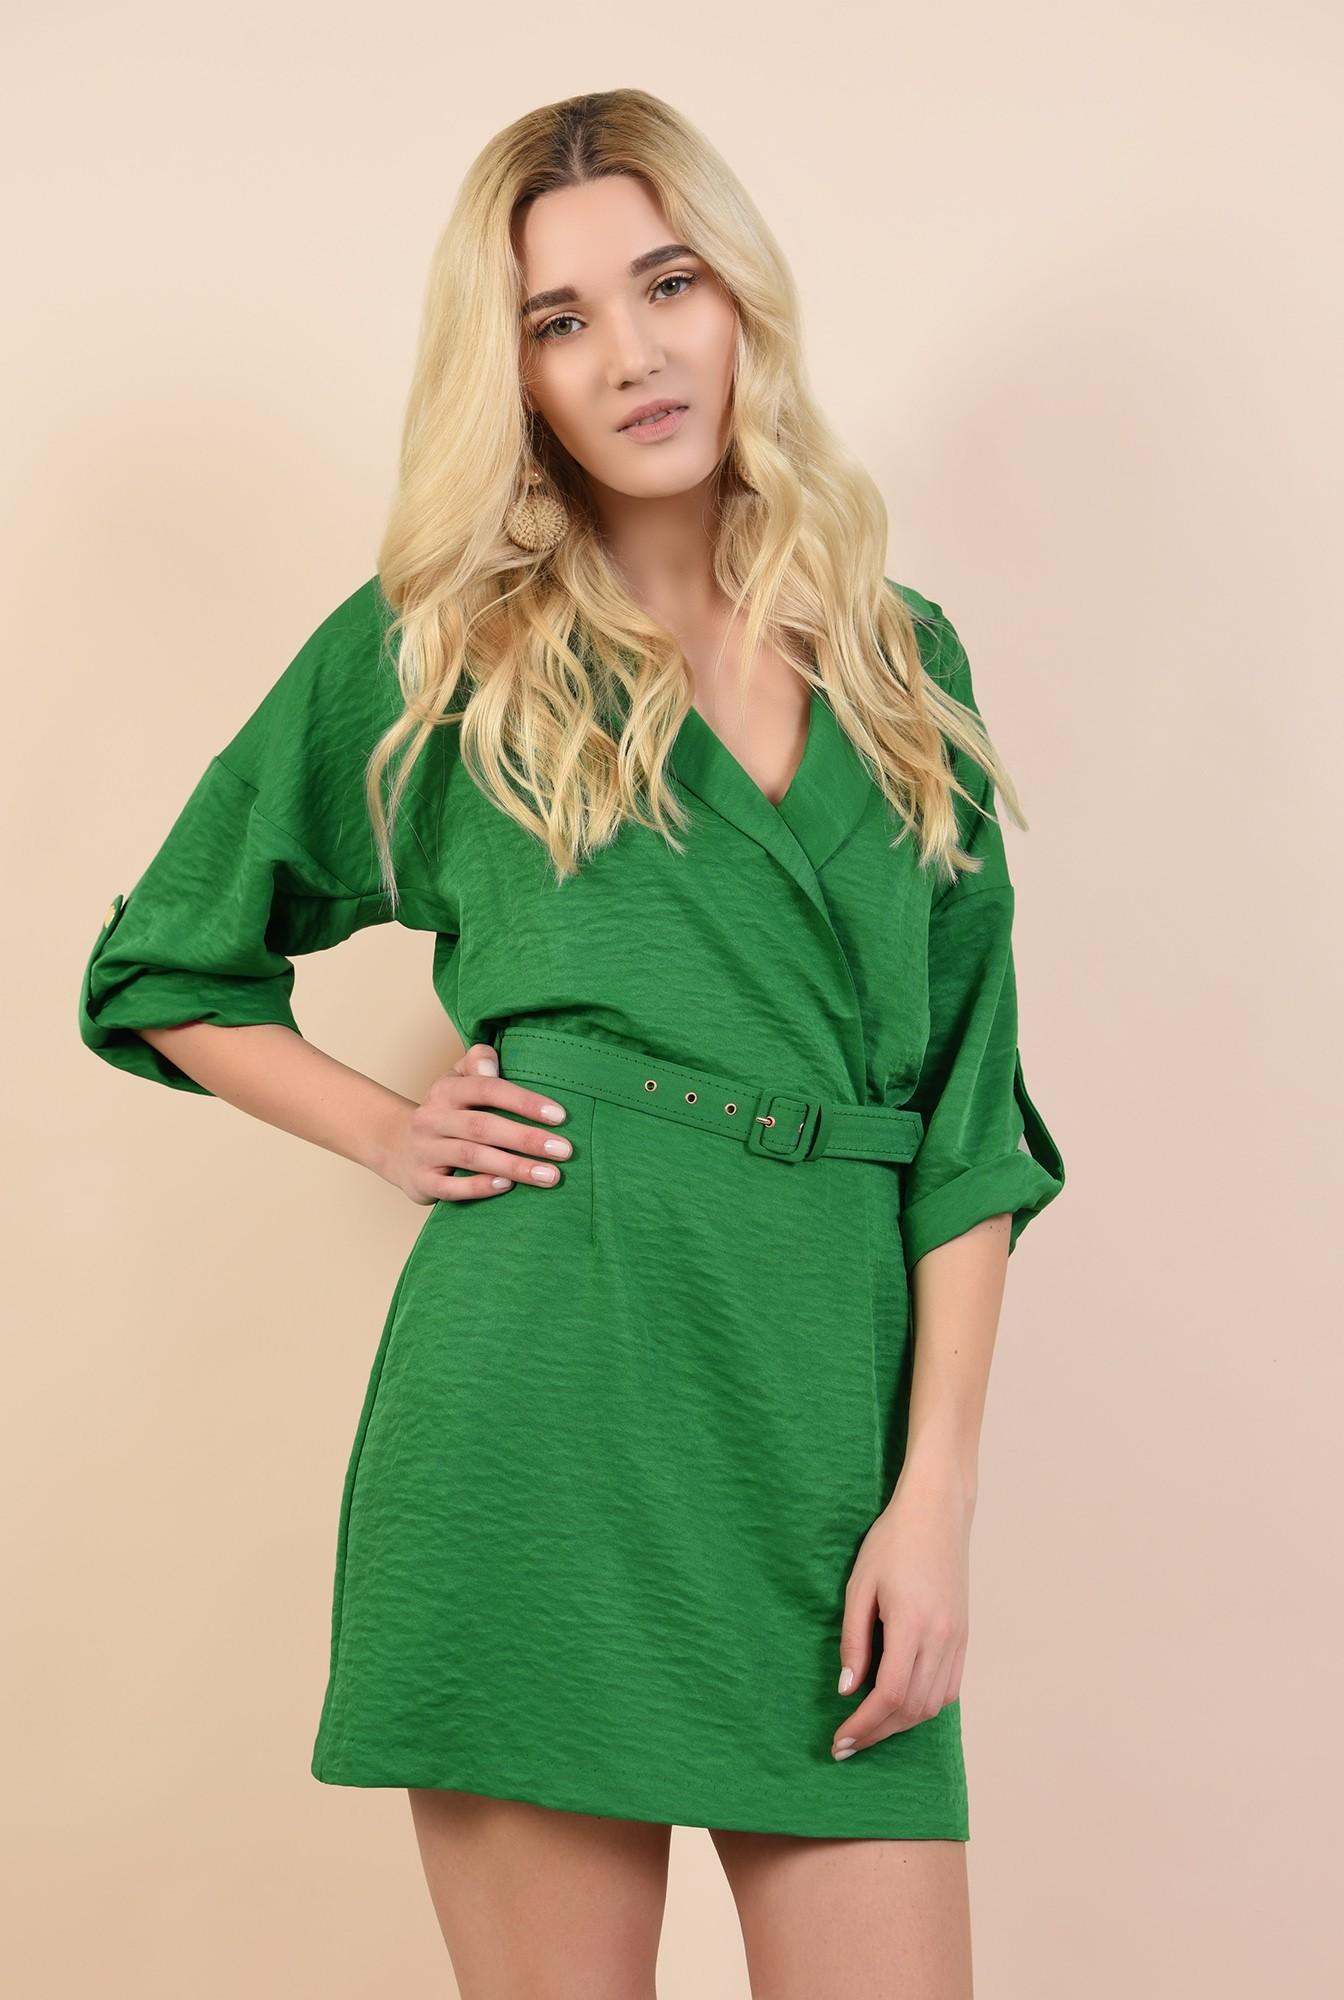 rochie casual, verde, scurta, anchior petrecut, cu revere, curea